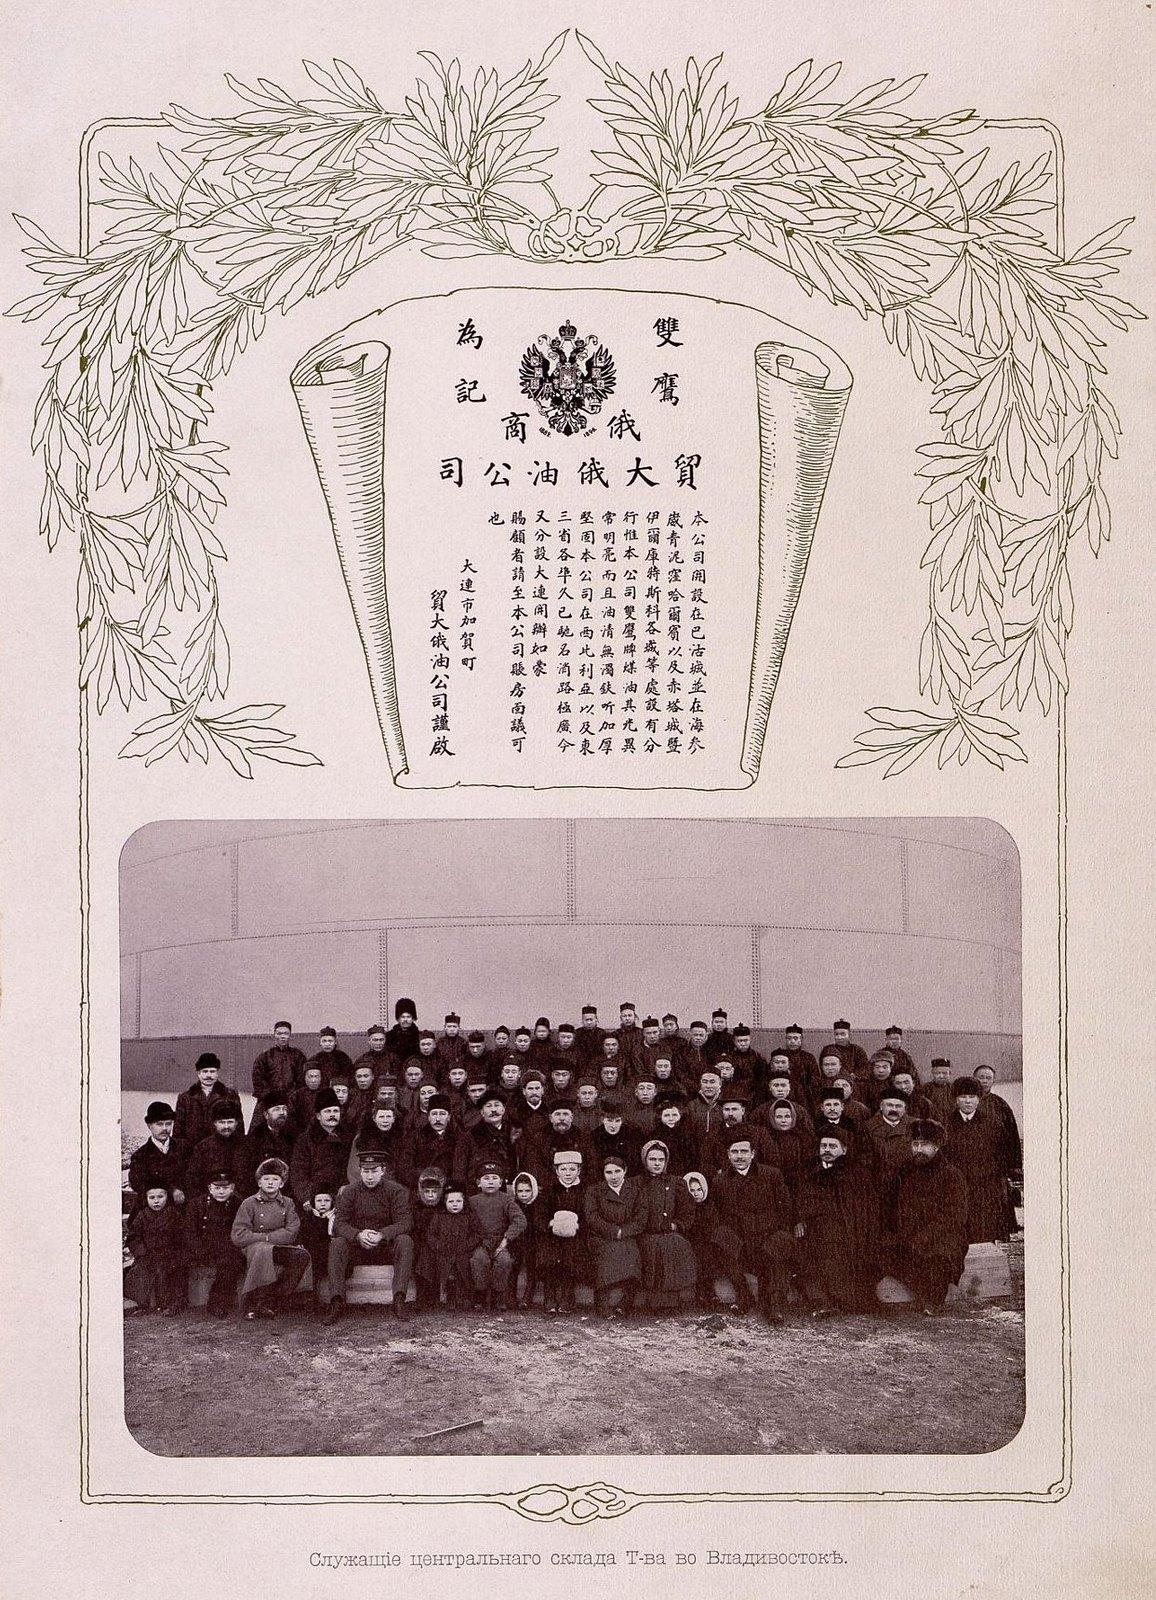 34. Служащие центрального склада Товарищества во Владивостоке